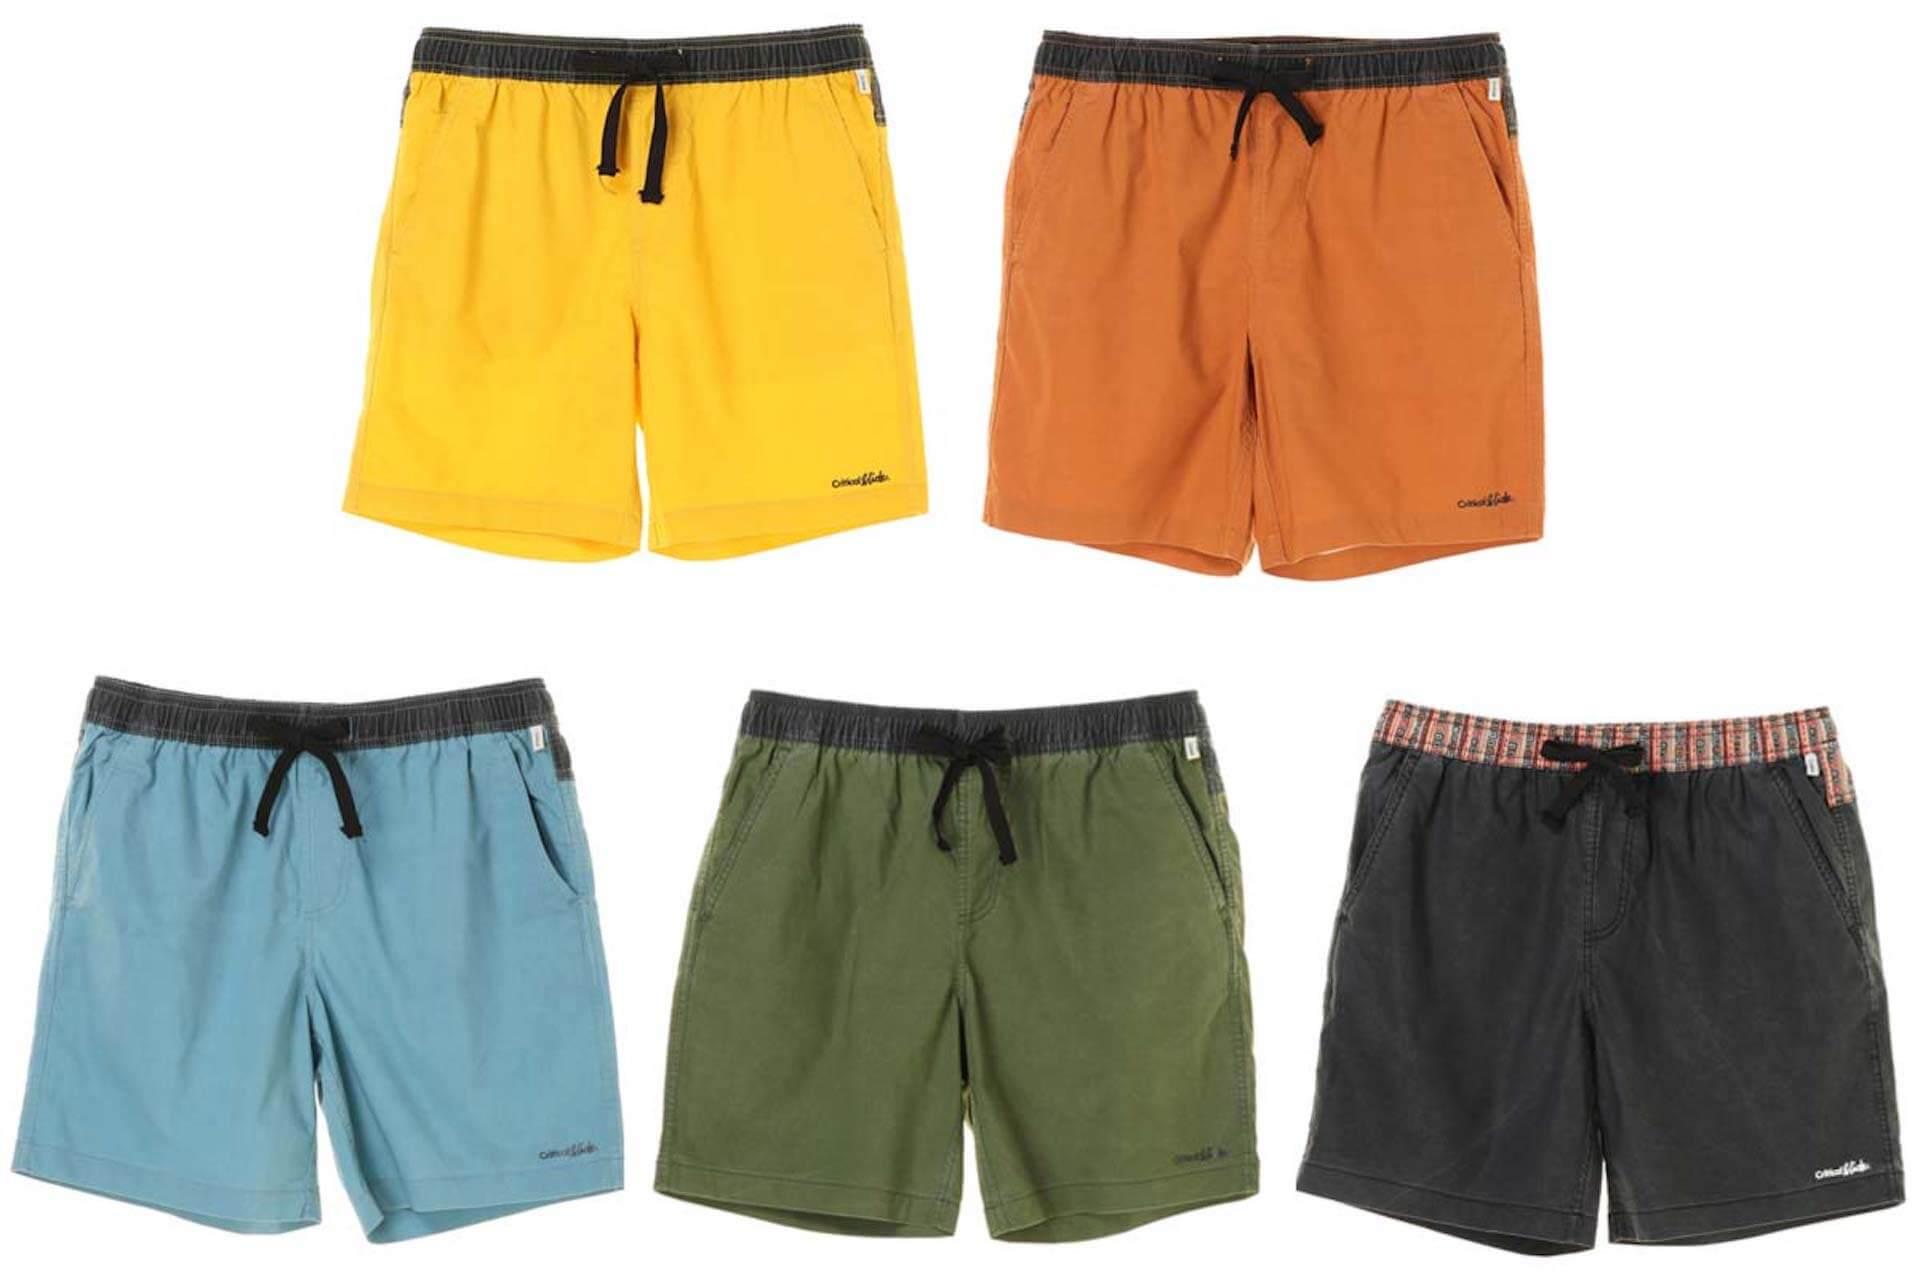 夏ファッション・コーデの必需品!アウトドアからタウンユースまで活躍するメンズ・ショートパンツ特集 life200730_jeep_shorts_19